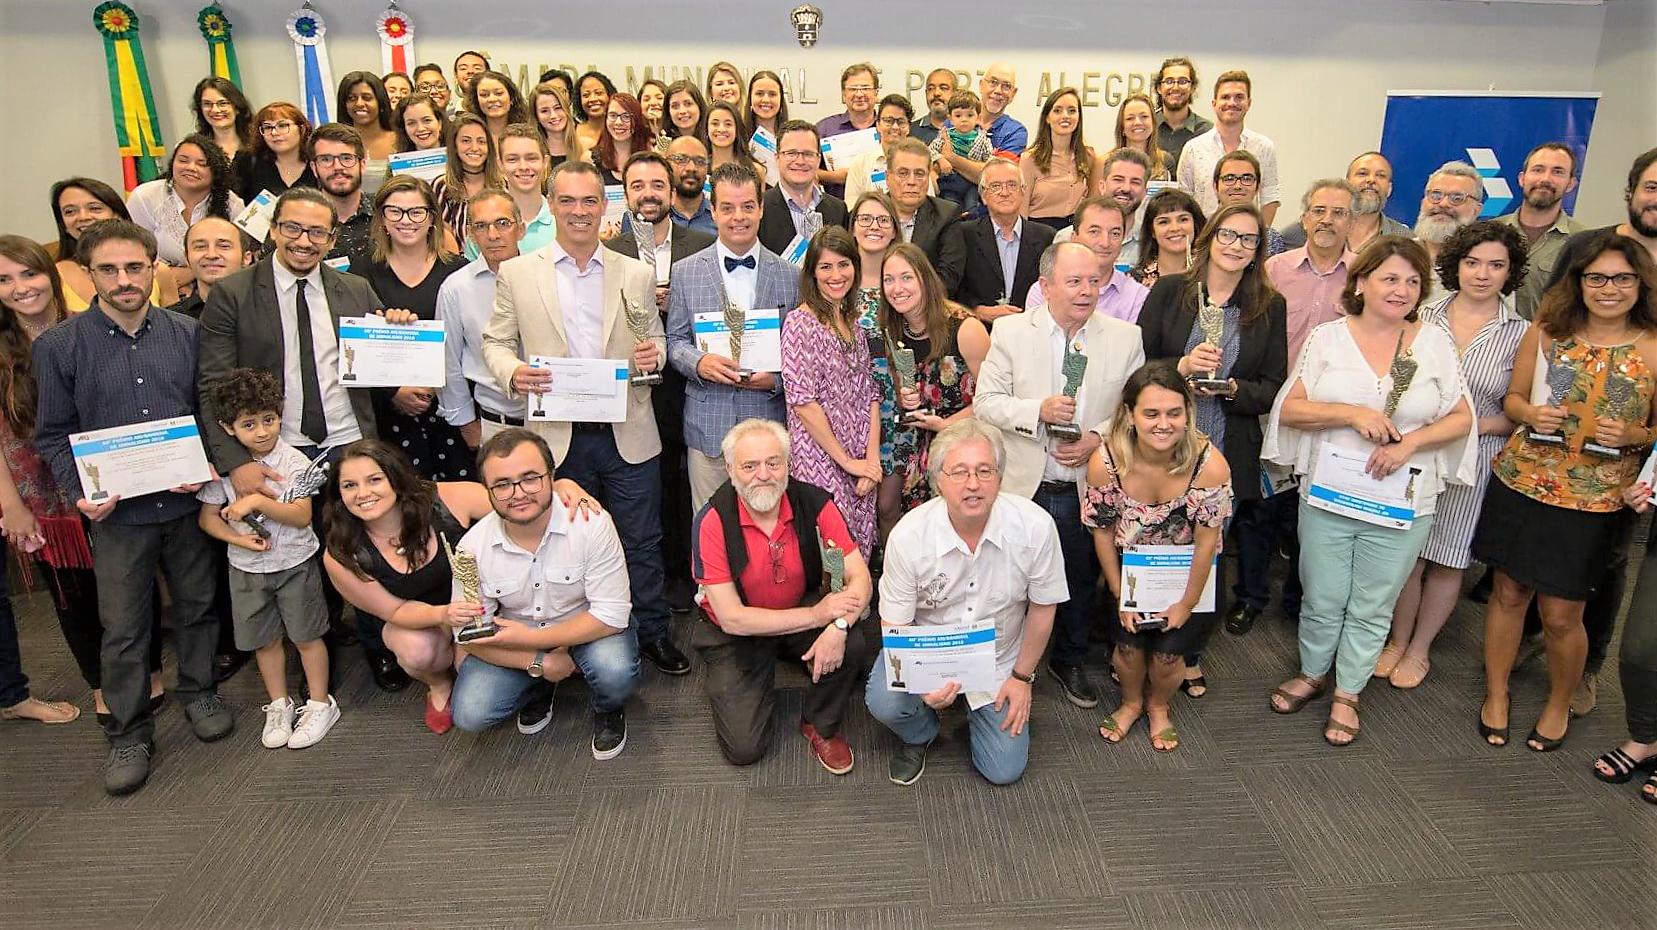 Jornalistas e universitários recebem prêmio 60° Prêmio ARI Banrisul/ Divulgação: ARI